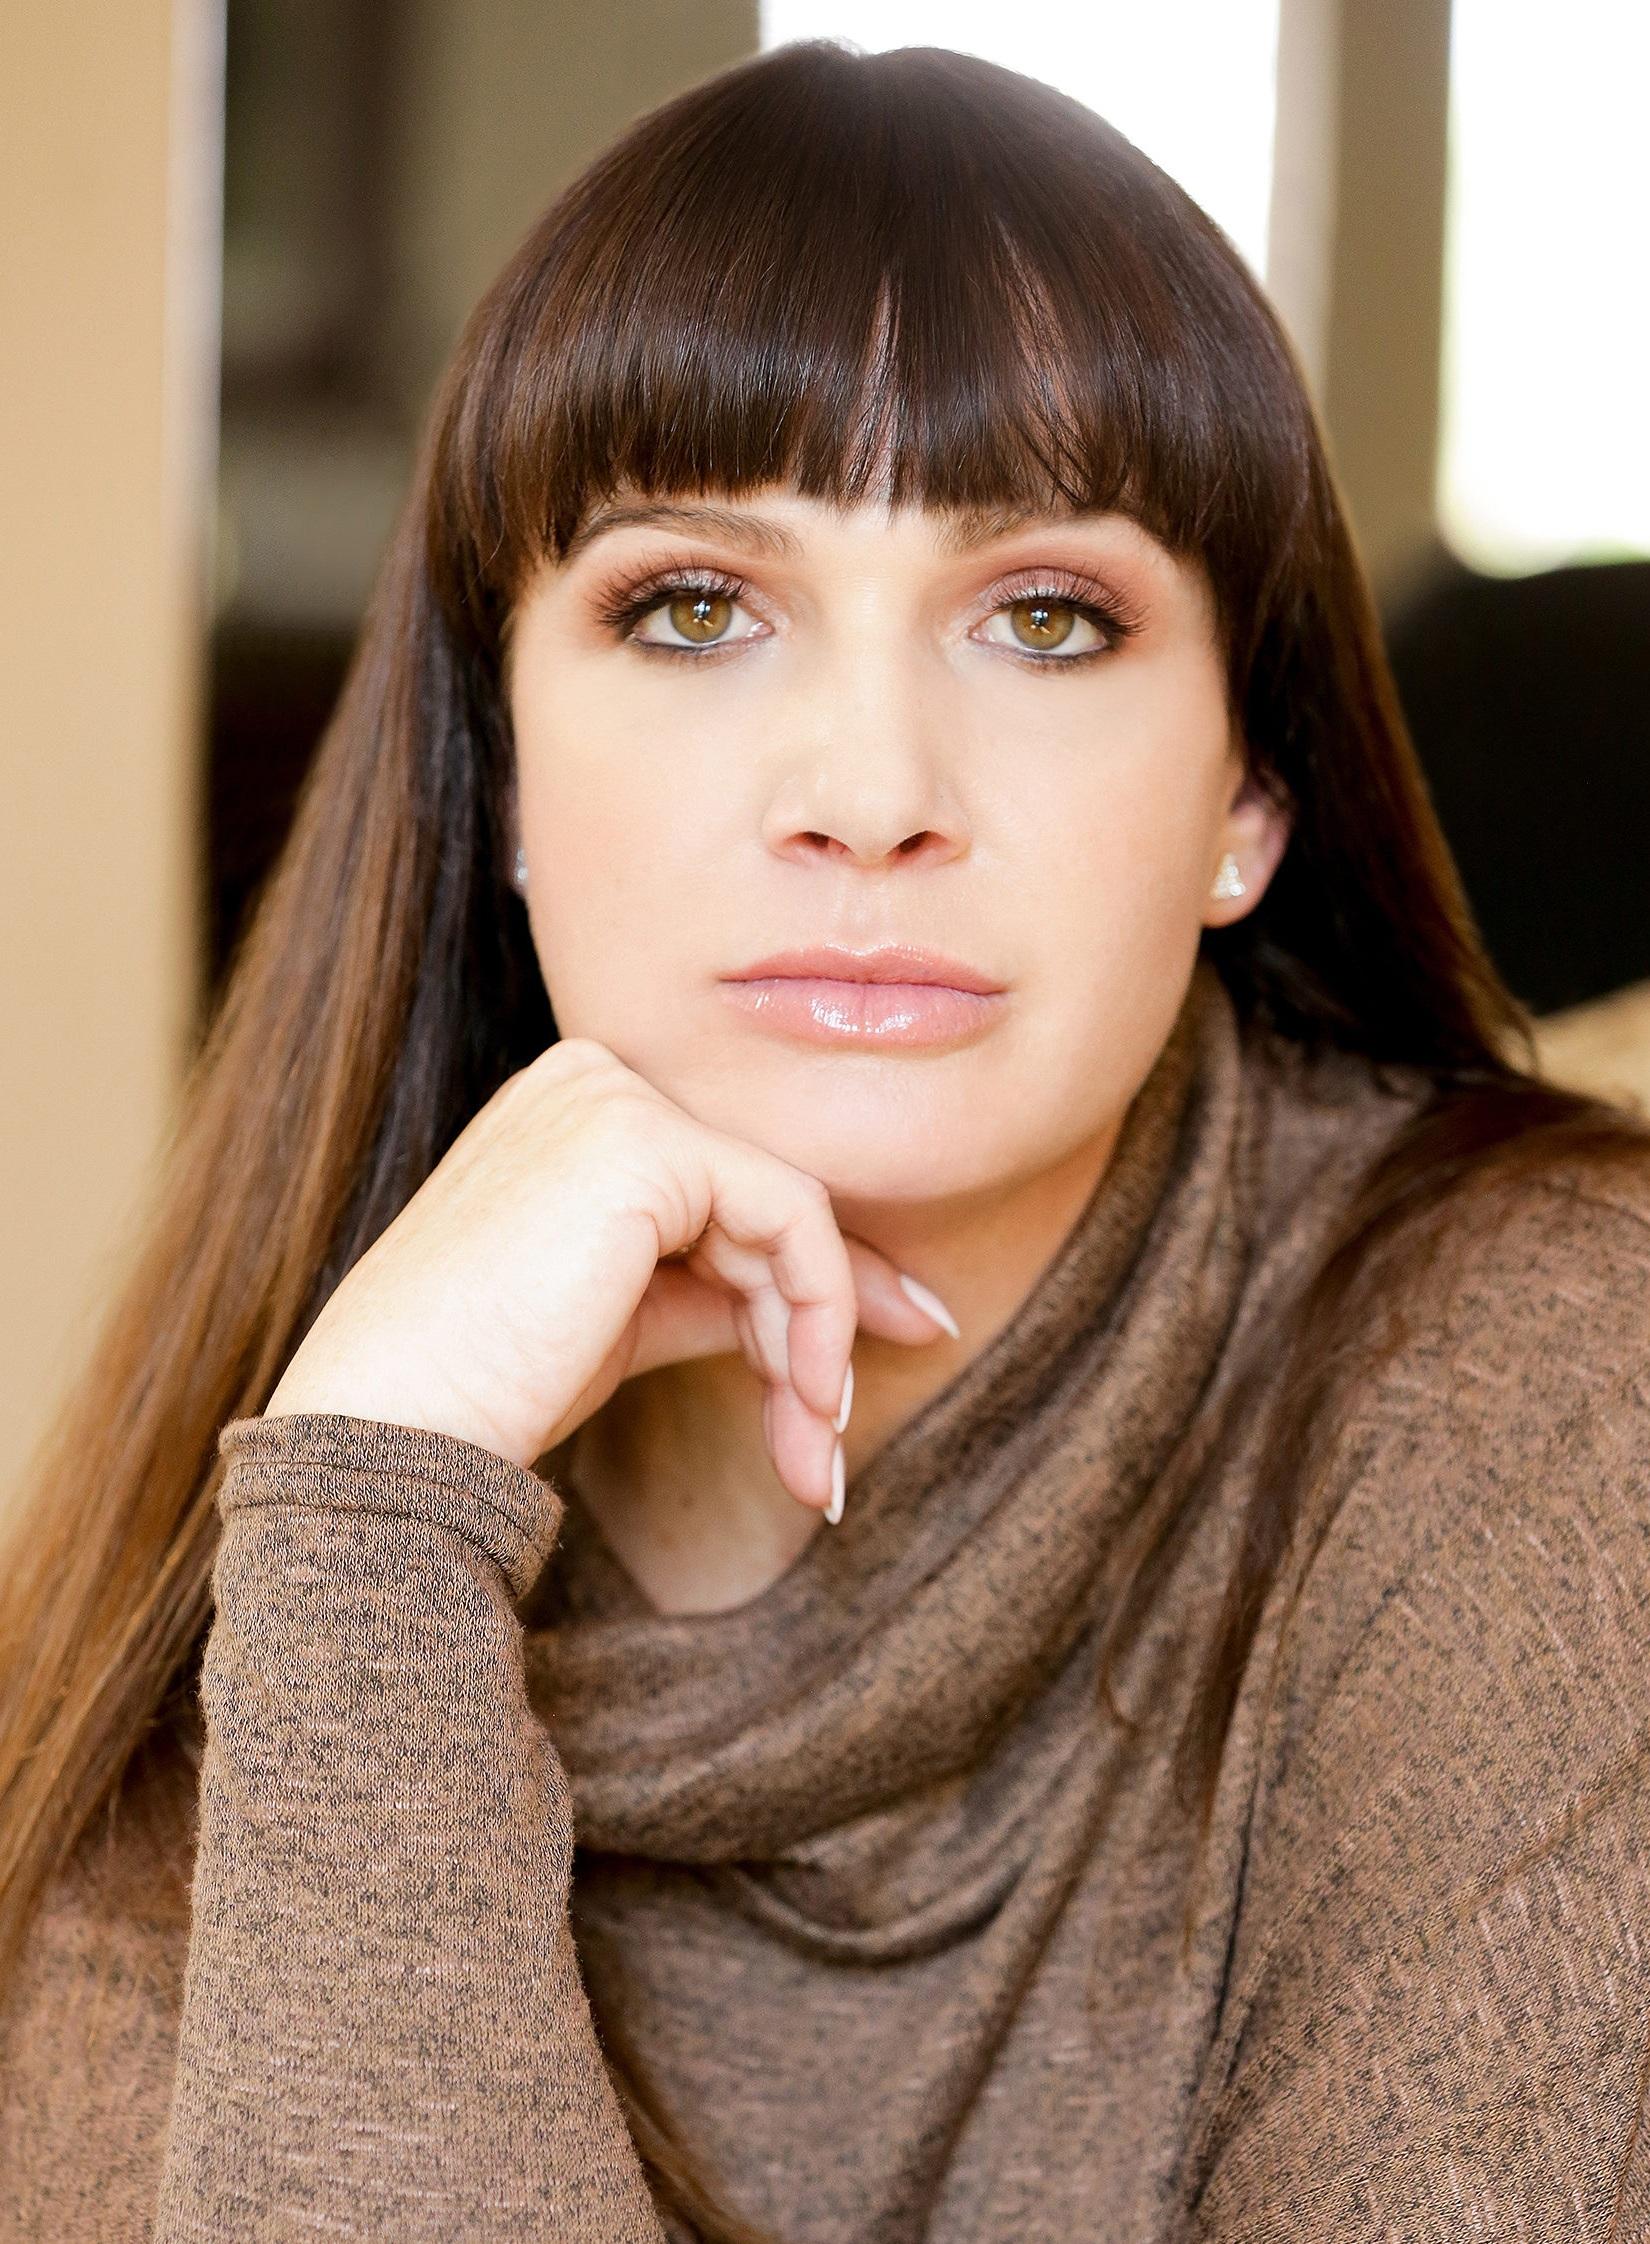 LA - Esthetician Meredith Yochum | Image  SteveRagland.com